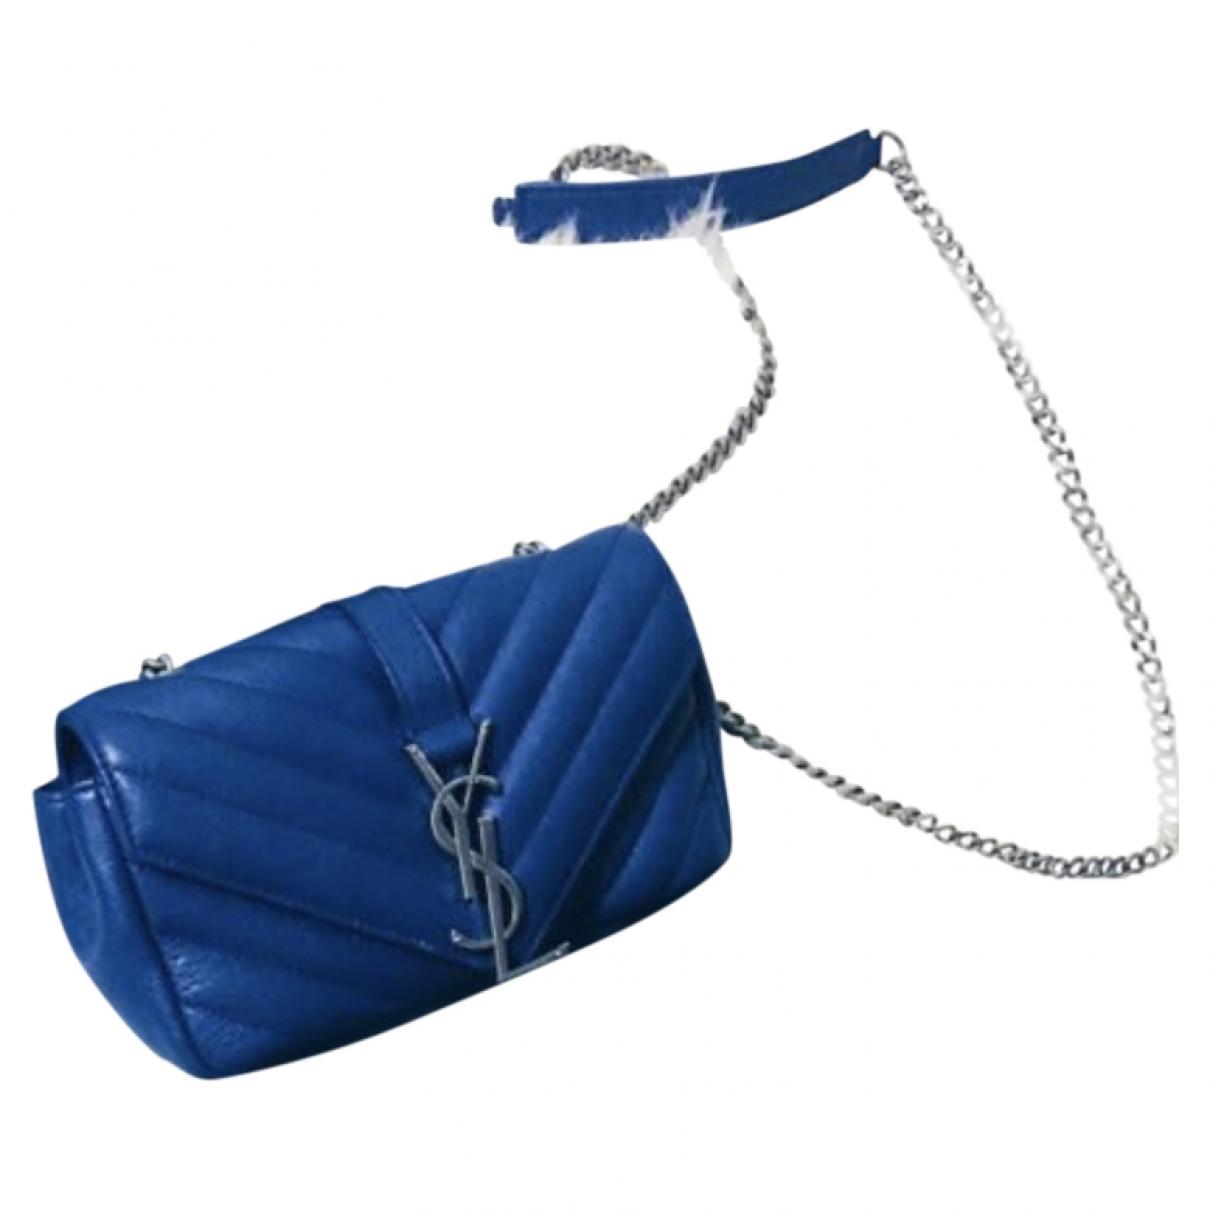 Saint Laurent Baby monogramme Handtasche in  Blau Leder